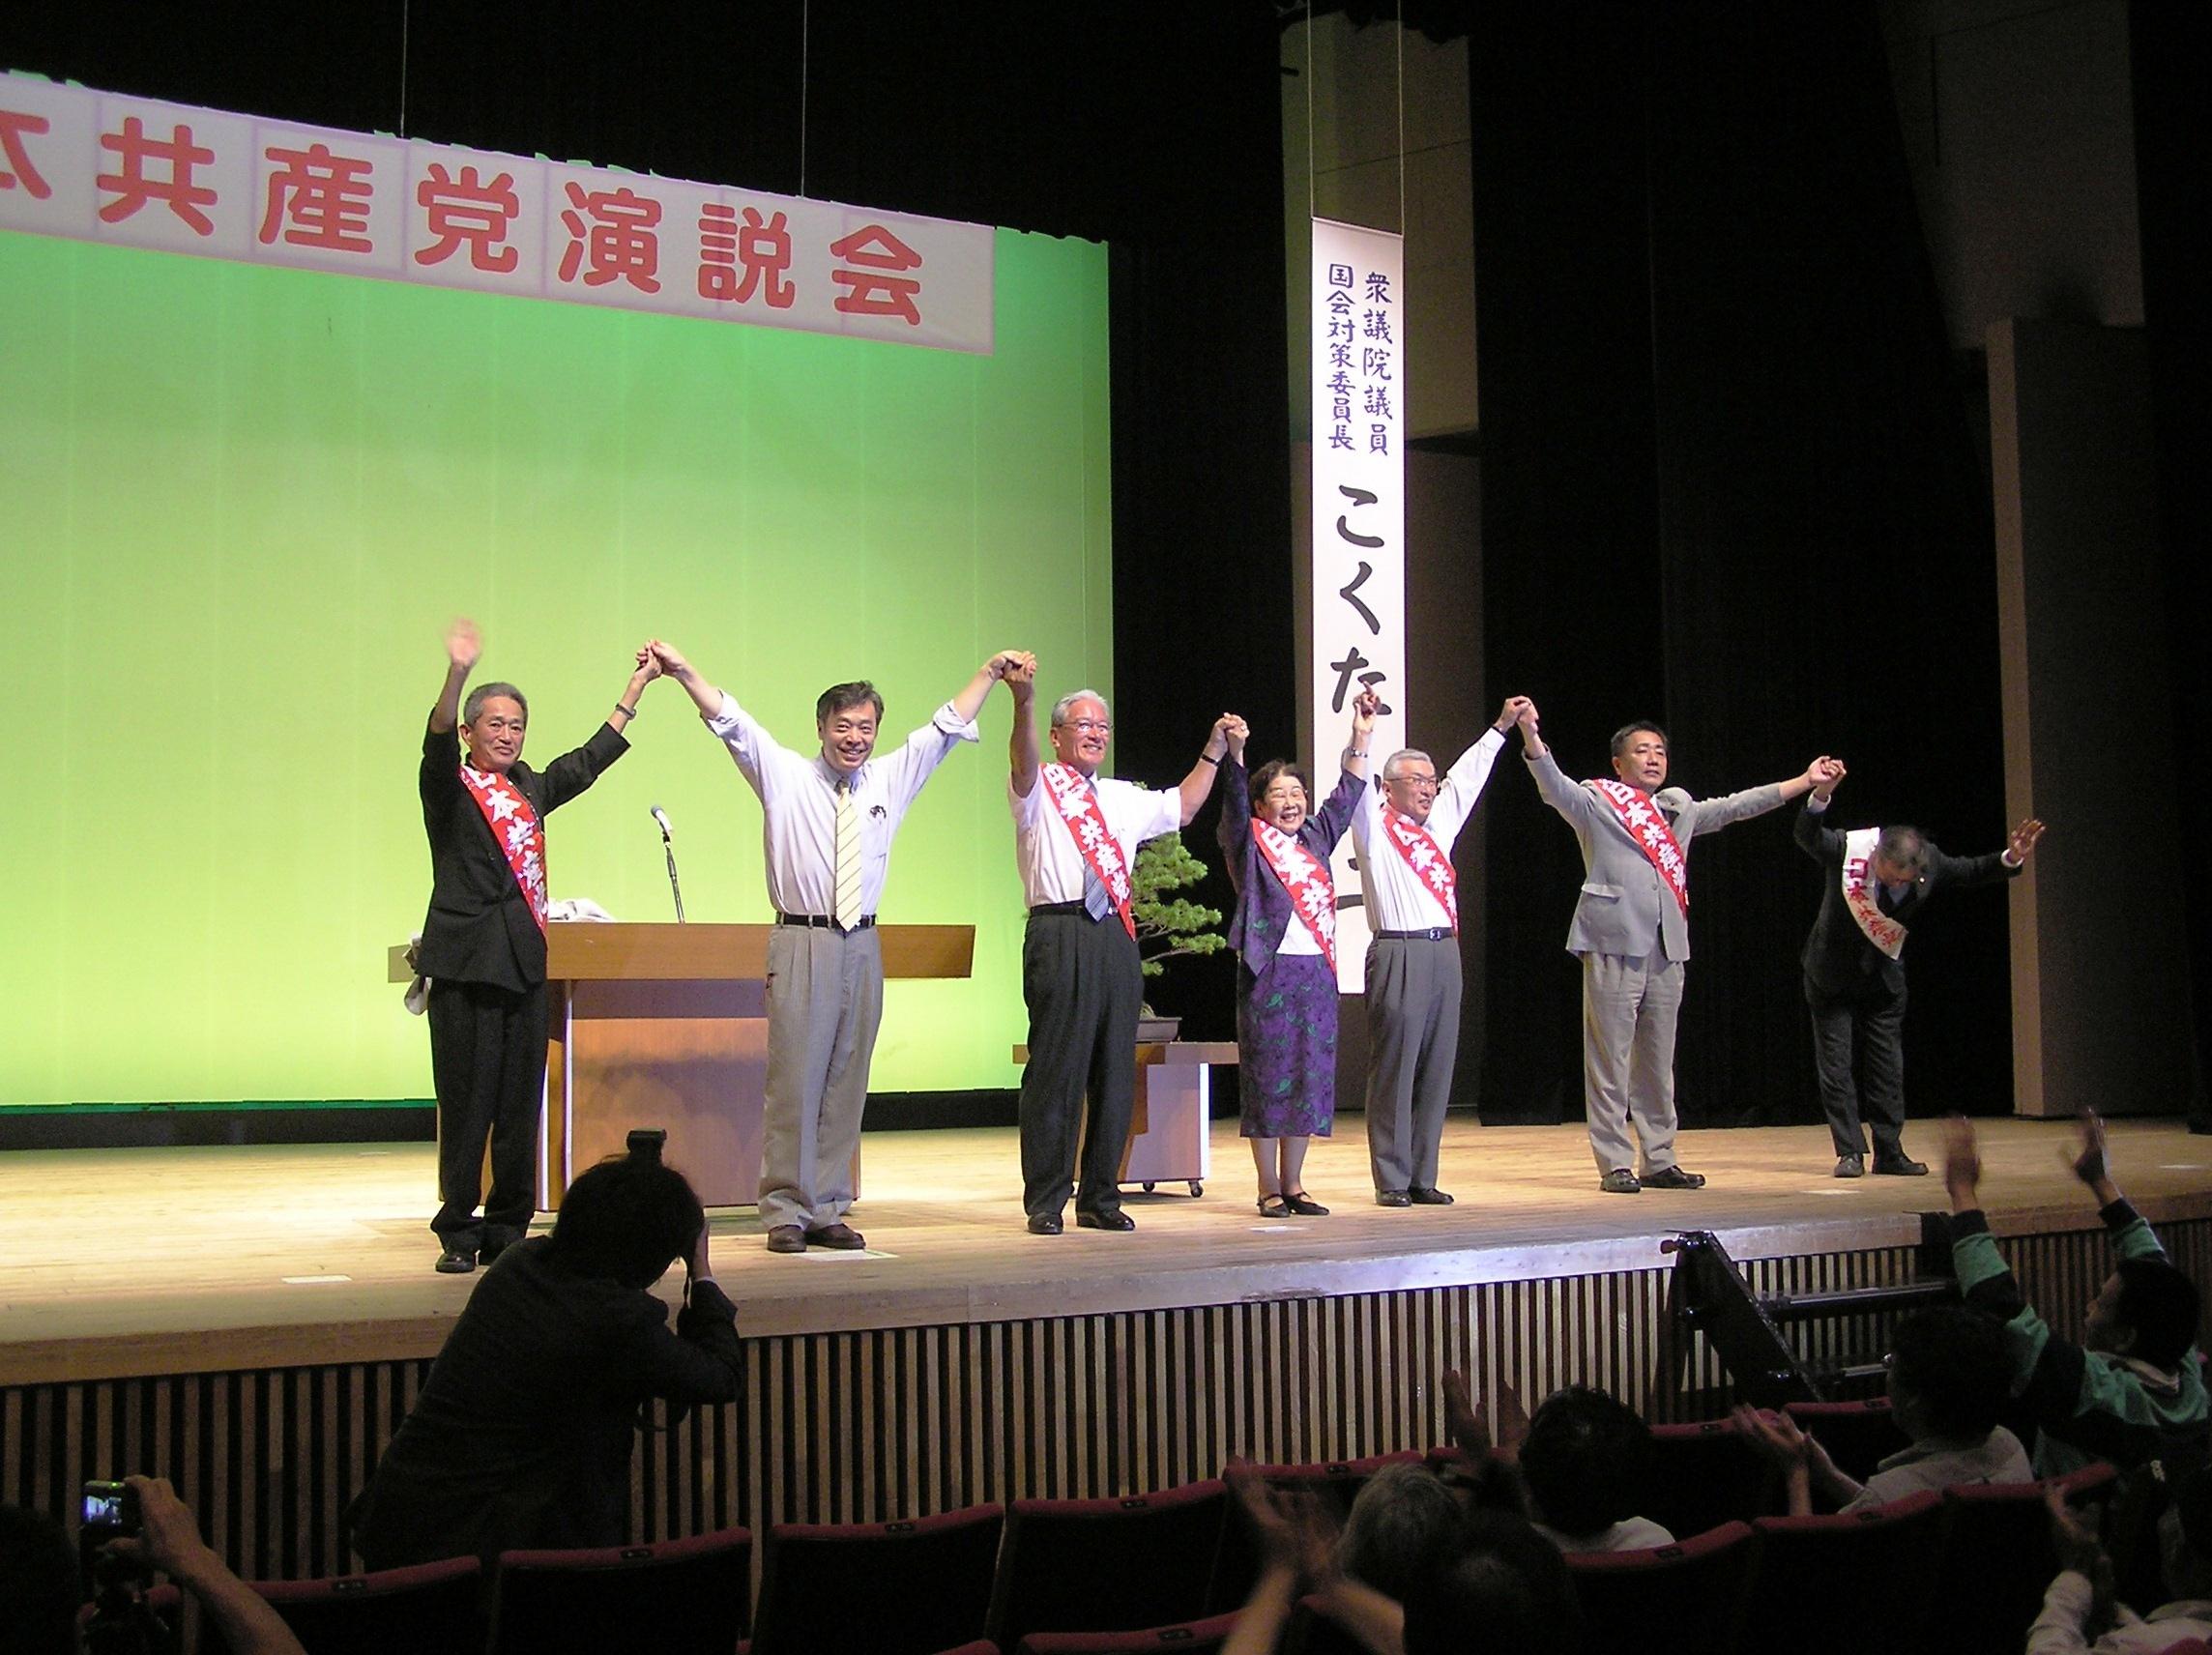 愛媛県新居浜市で演説会